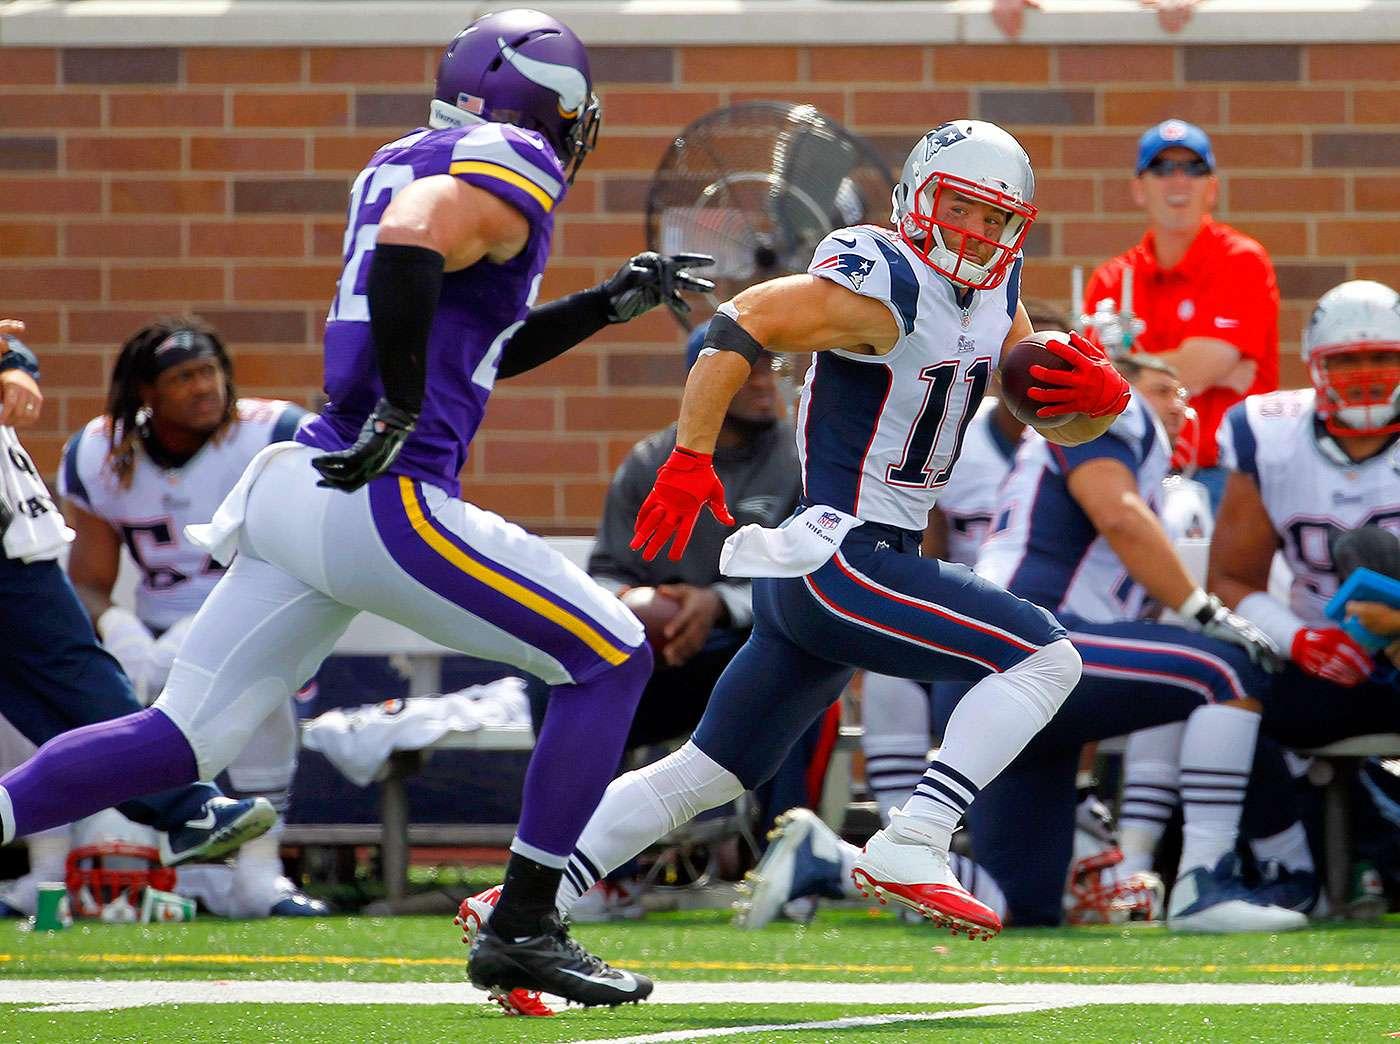 Julian Edelman, de los Patriots de Nueva Inglaterra, se escapa del free safety de los Vikings de Minnesota, Harrison Smith, luego de atrapar un pase en el encuentro del domingo 14 de septiembre de 2014 Foto: Ann Heisenfelt/AP